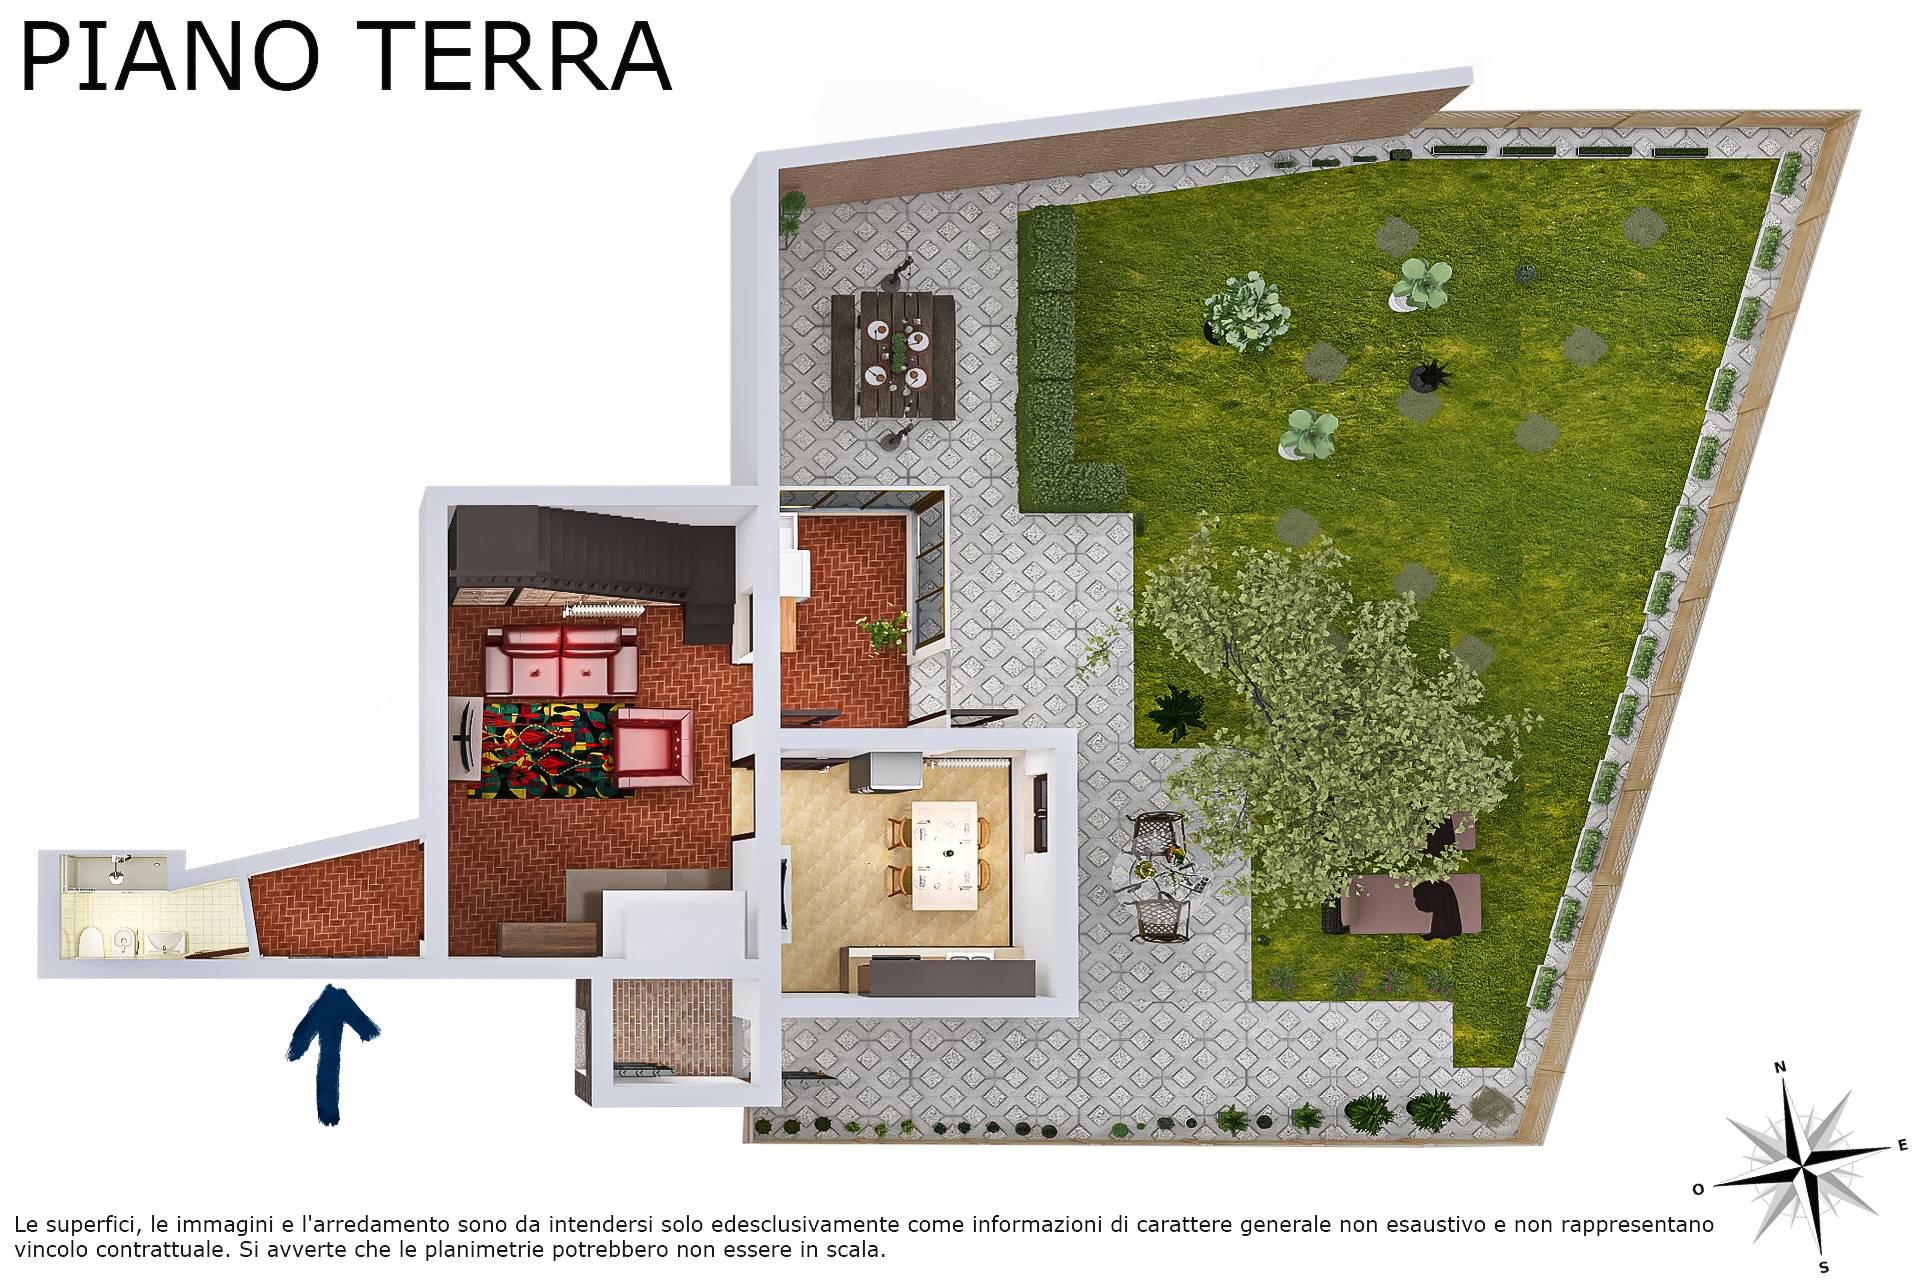 Planimetria 2D realistica piano terra con giardino